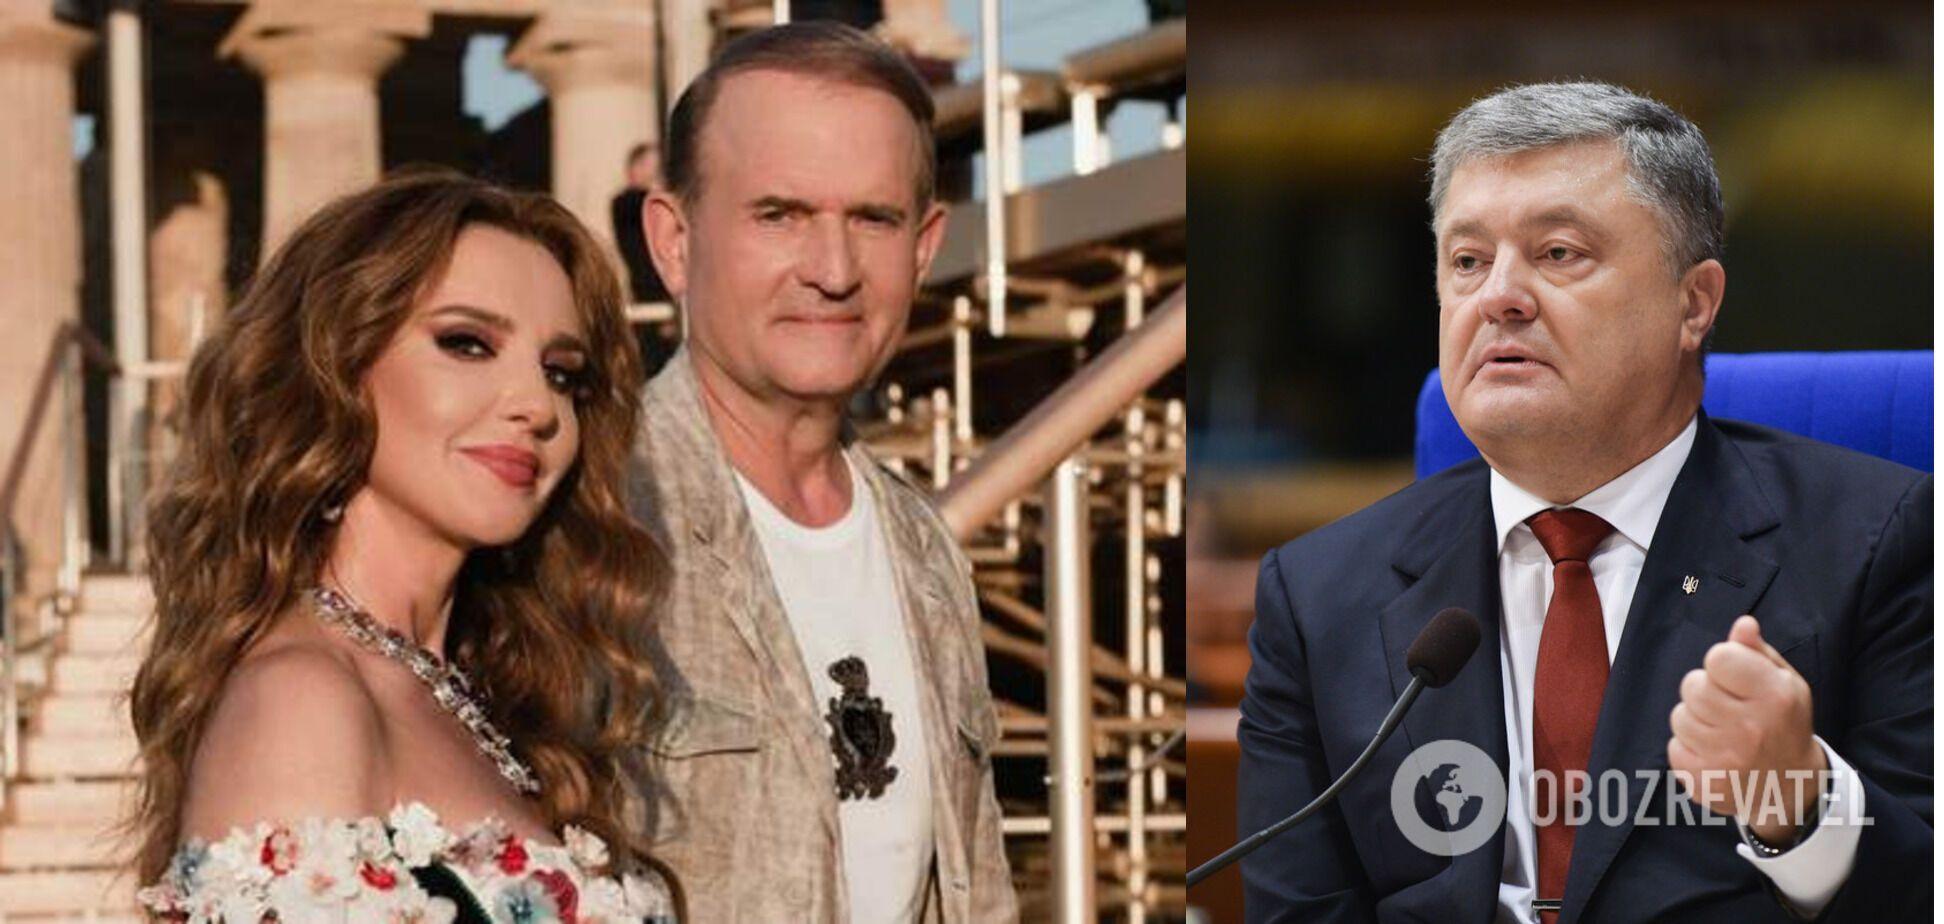 Порошенко про санкції щодо Медведчука: рішення РНБО відповідає національним інтересам